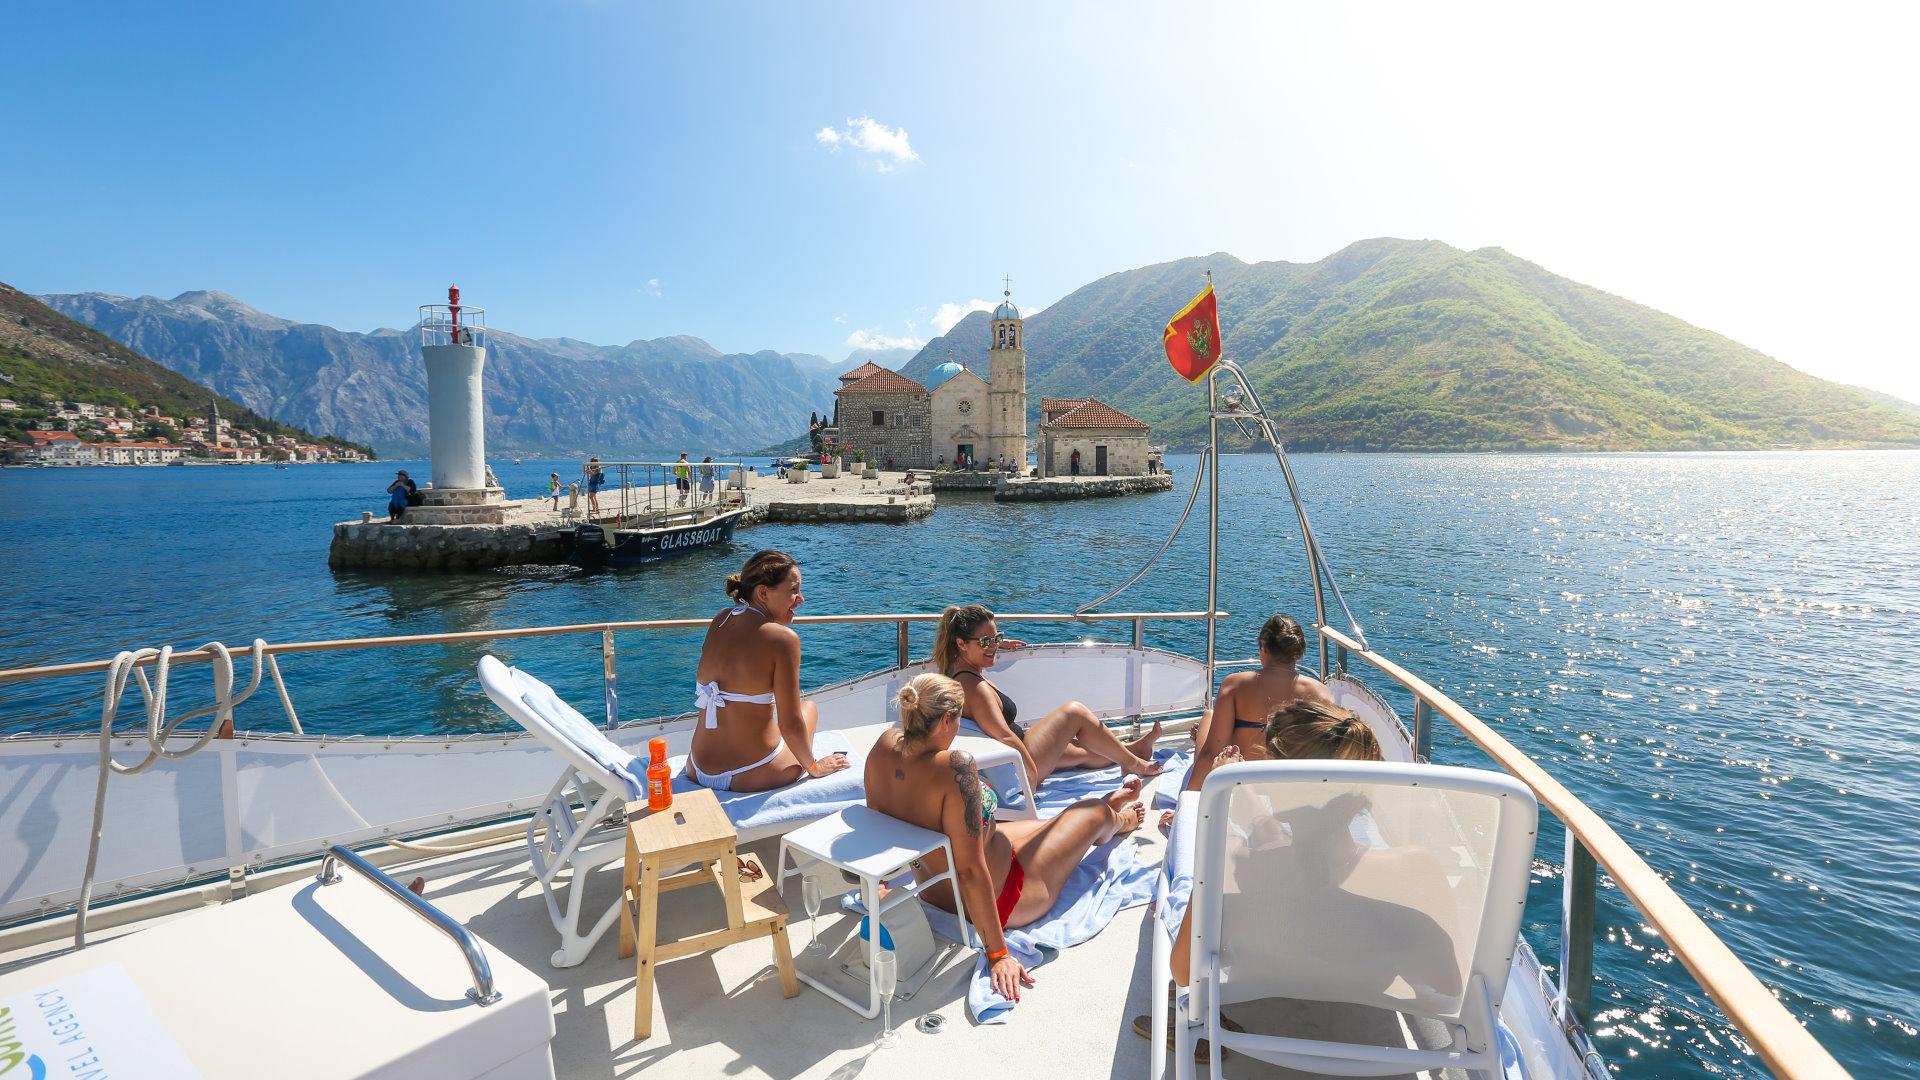 Kotor Cruise